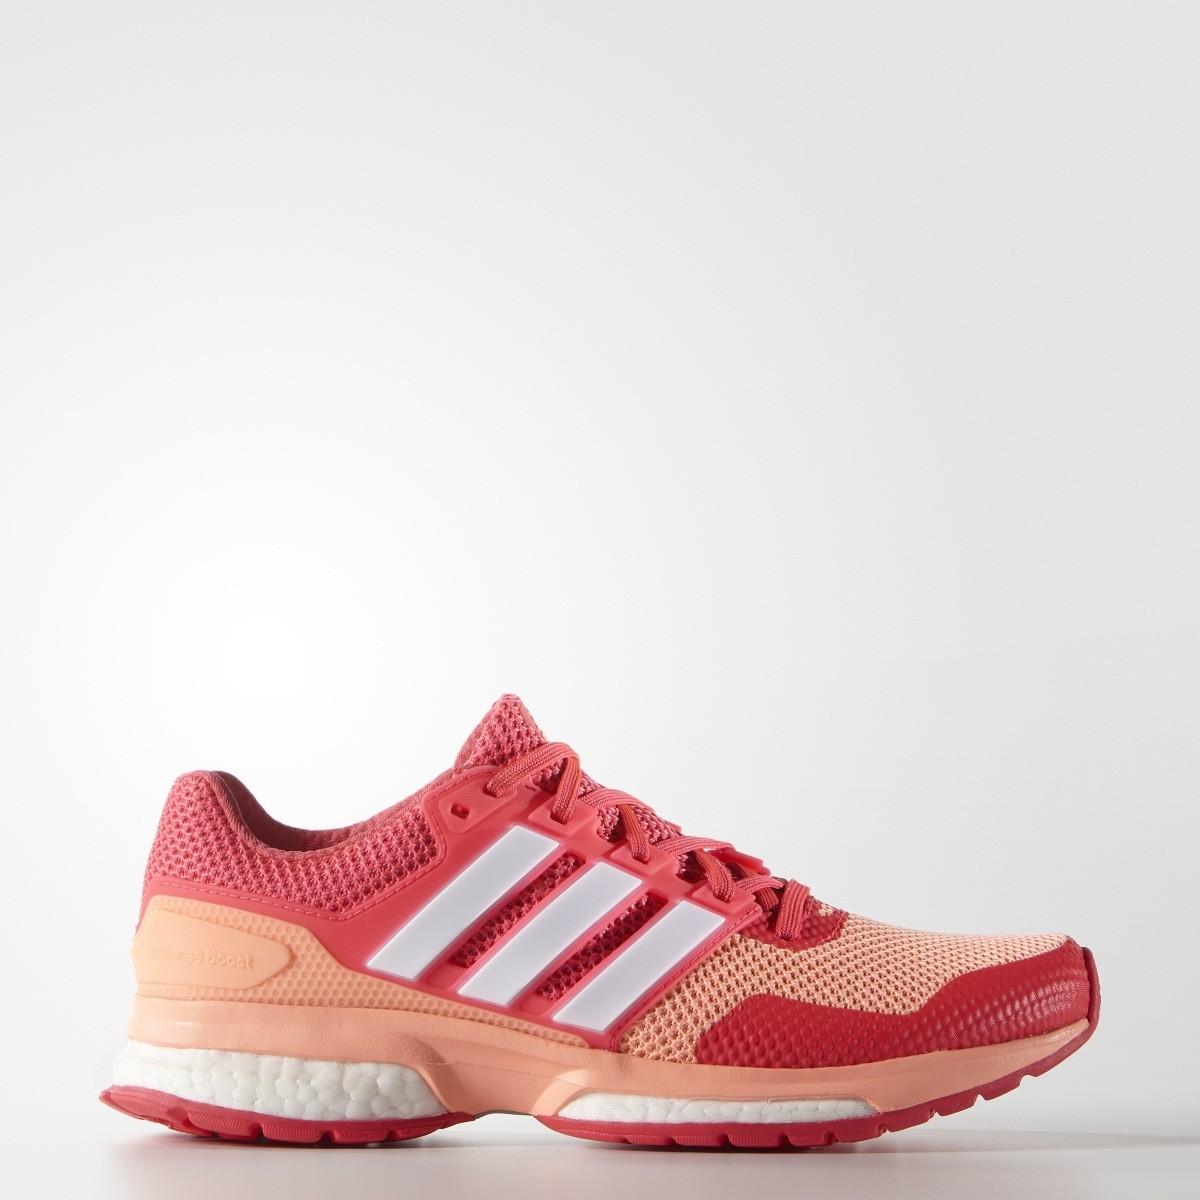 online store b8b9c 4ba4c Dámské běžecké boty adidas response 2 w